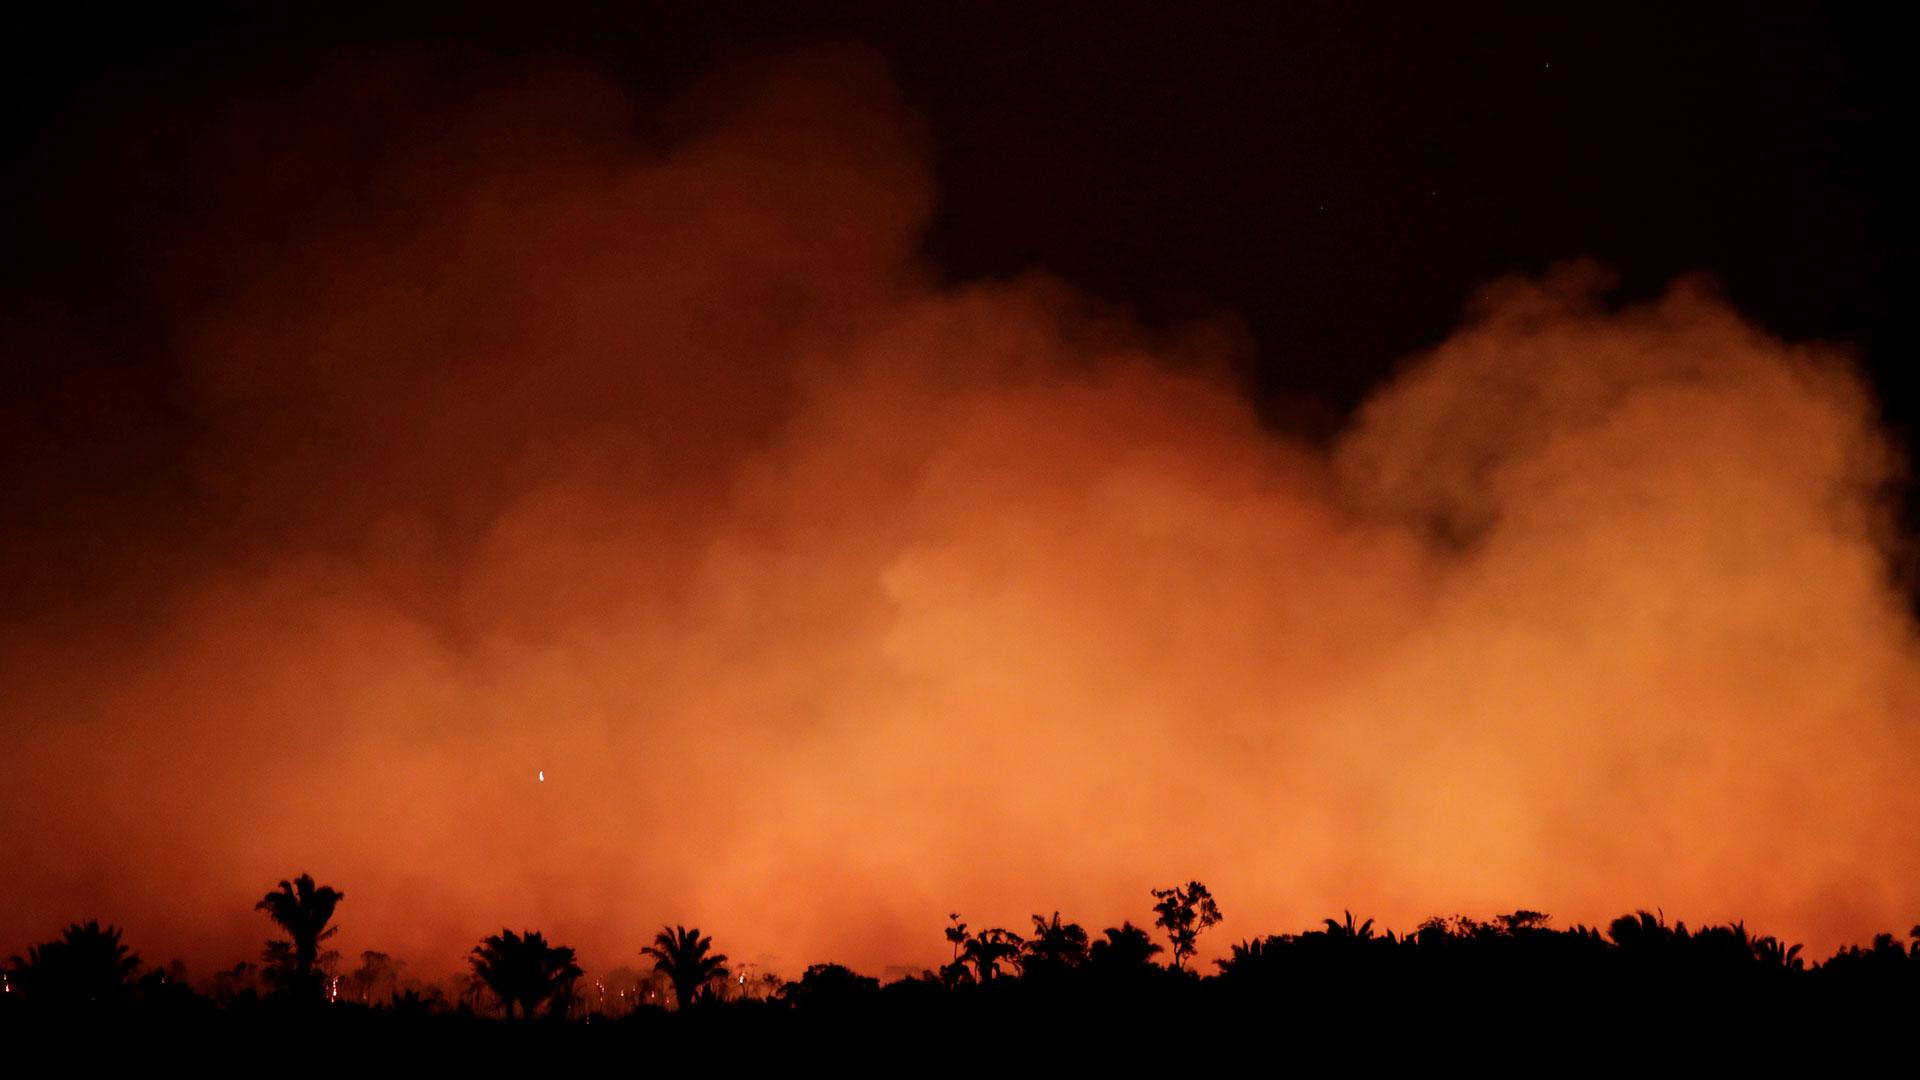 La región amazónica brasileña sufre los peores incendios forestales de los últimos años (Reuters)